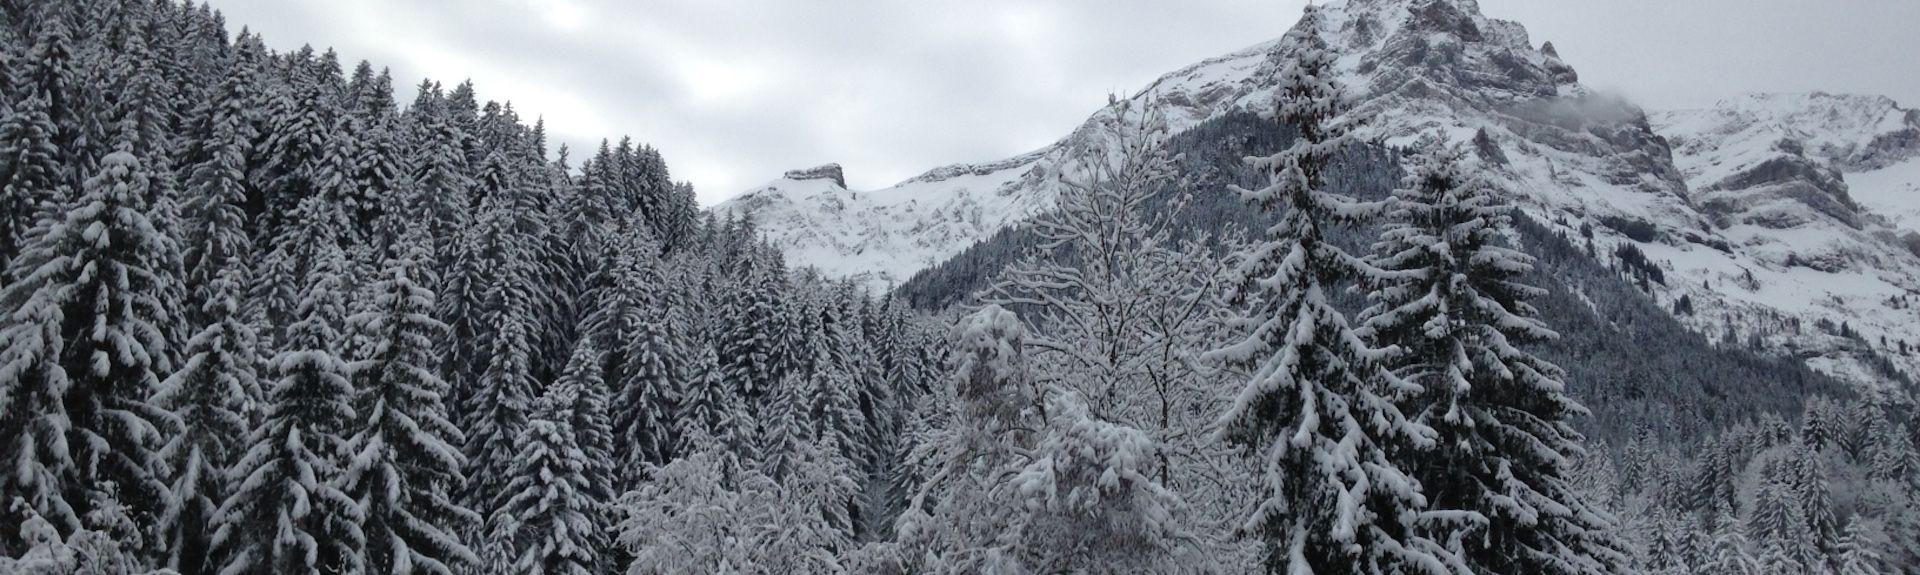 Bex, Kantonen Vaud, Schweiz